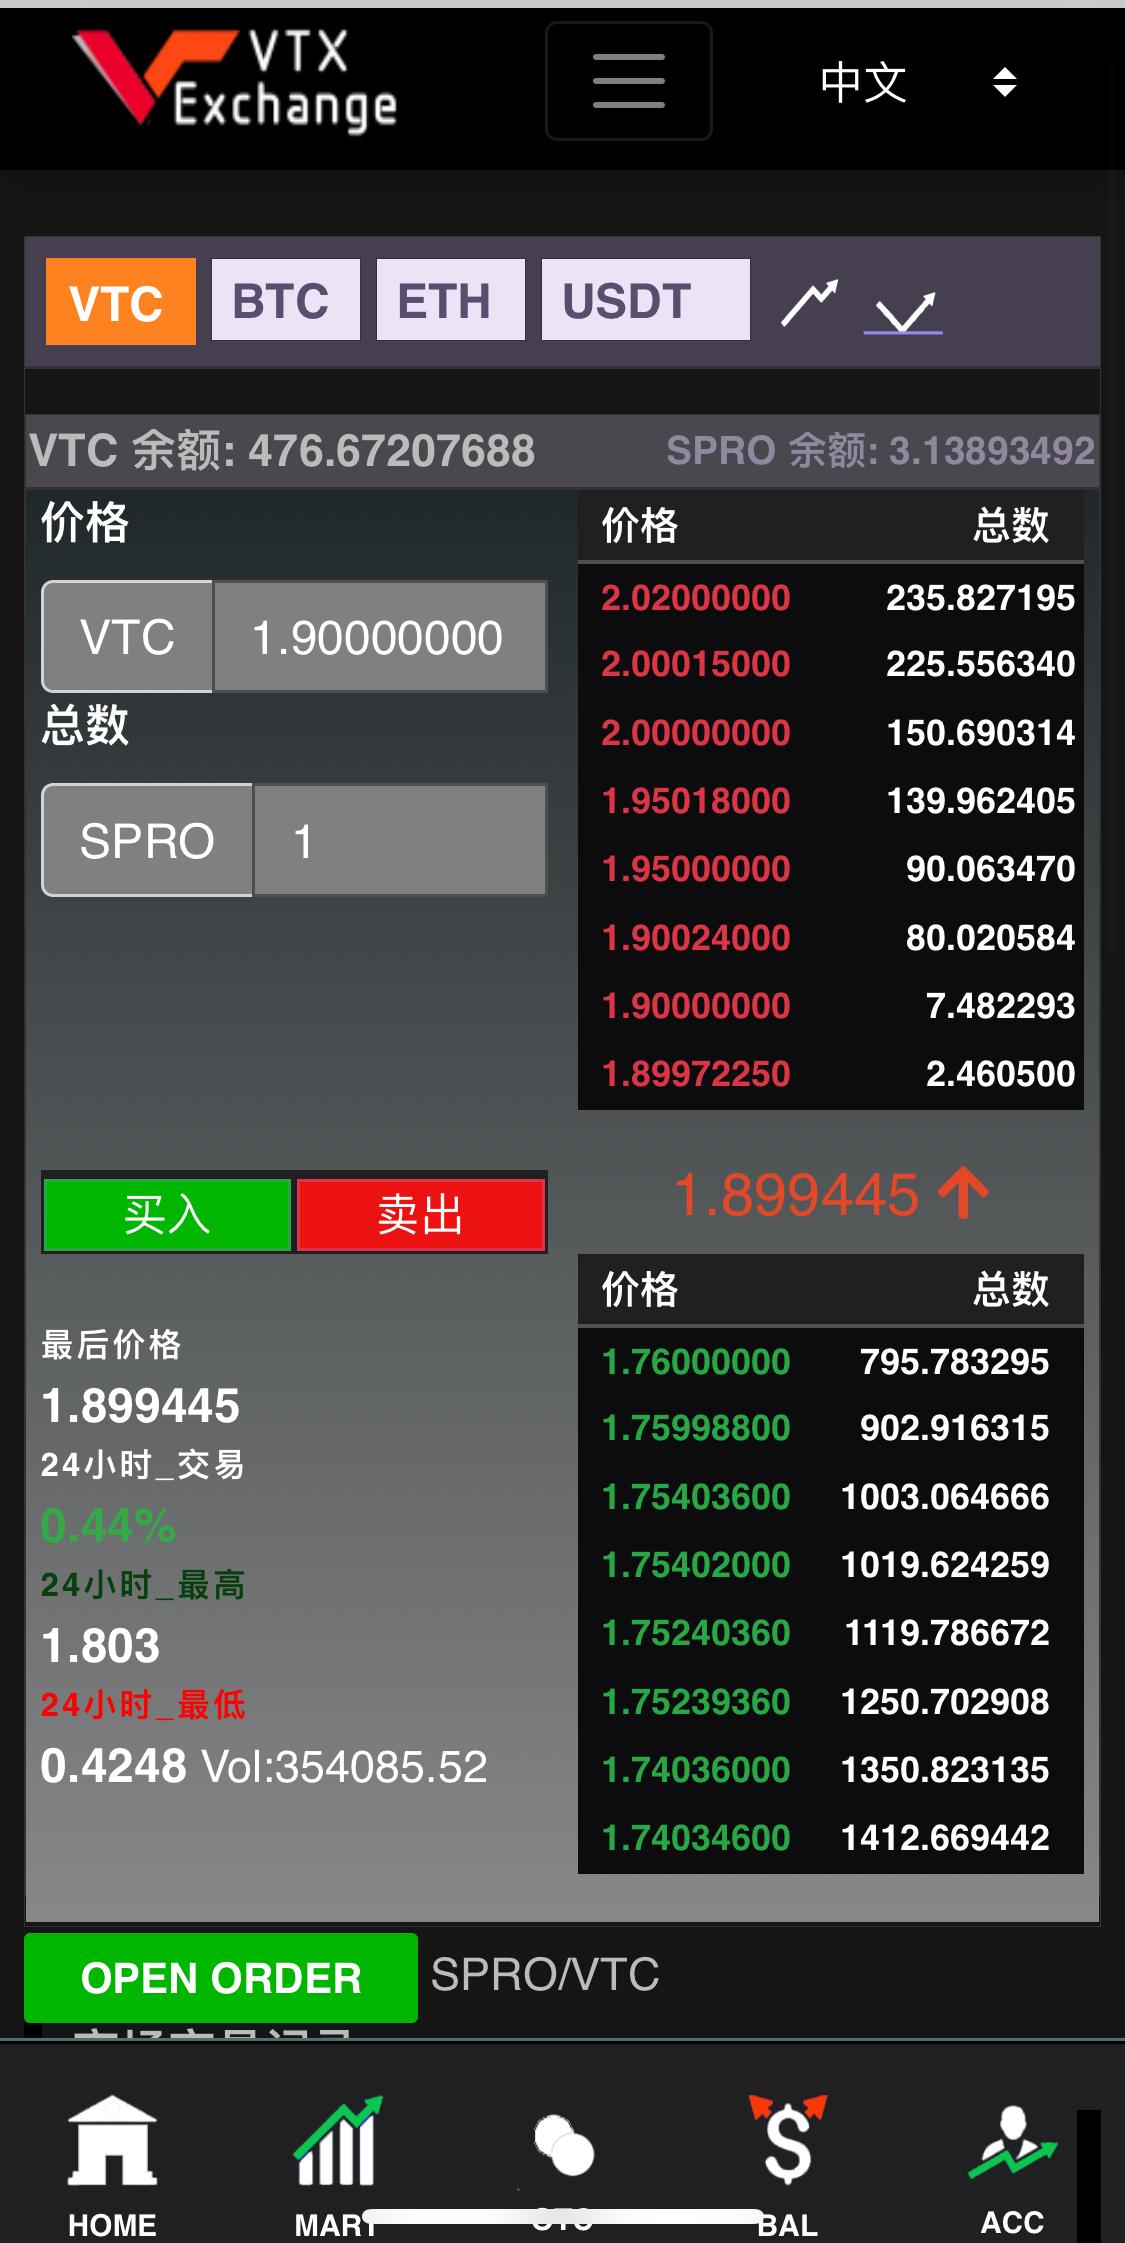 VTX Buy Sell